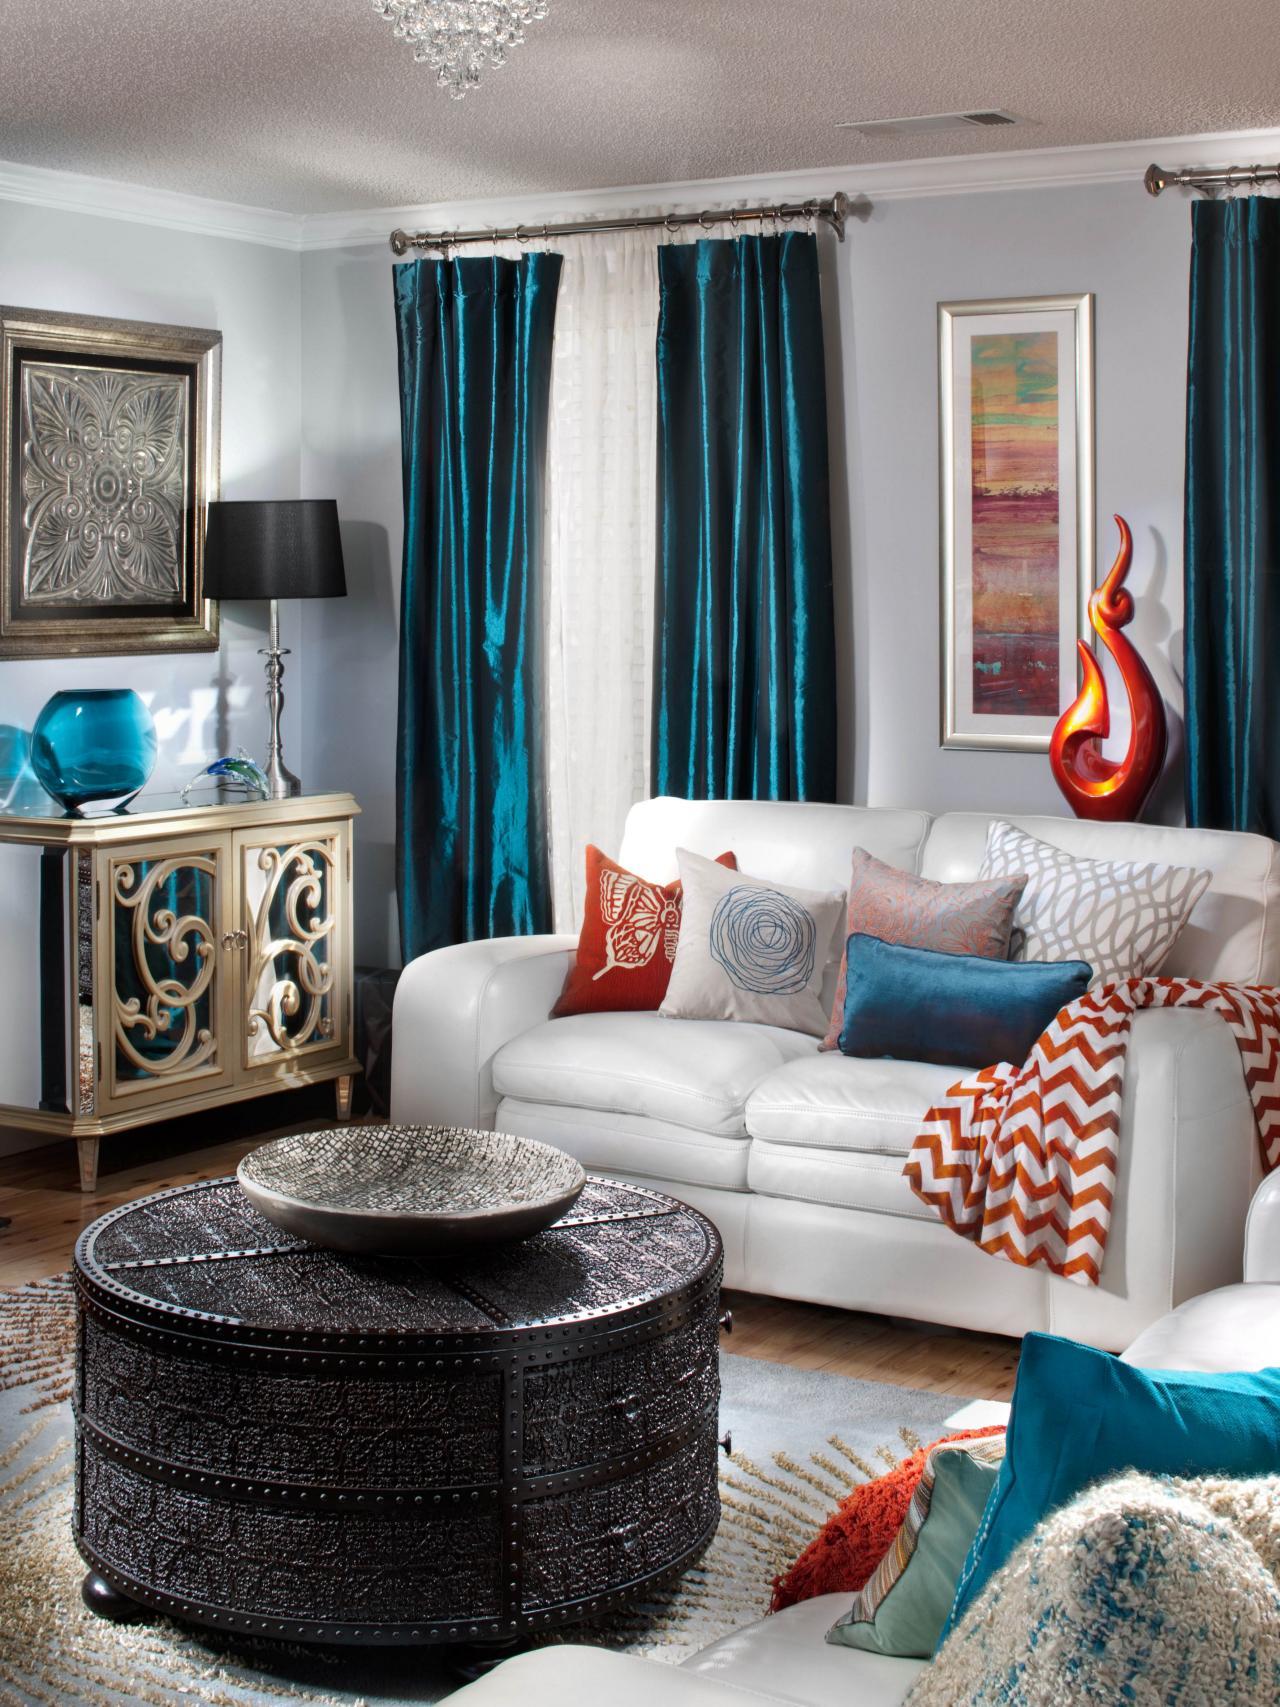 Glamorous Transitional Living Room Design